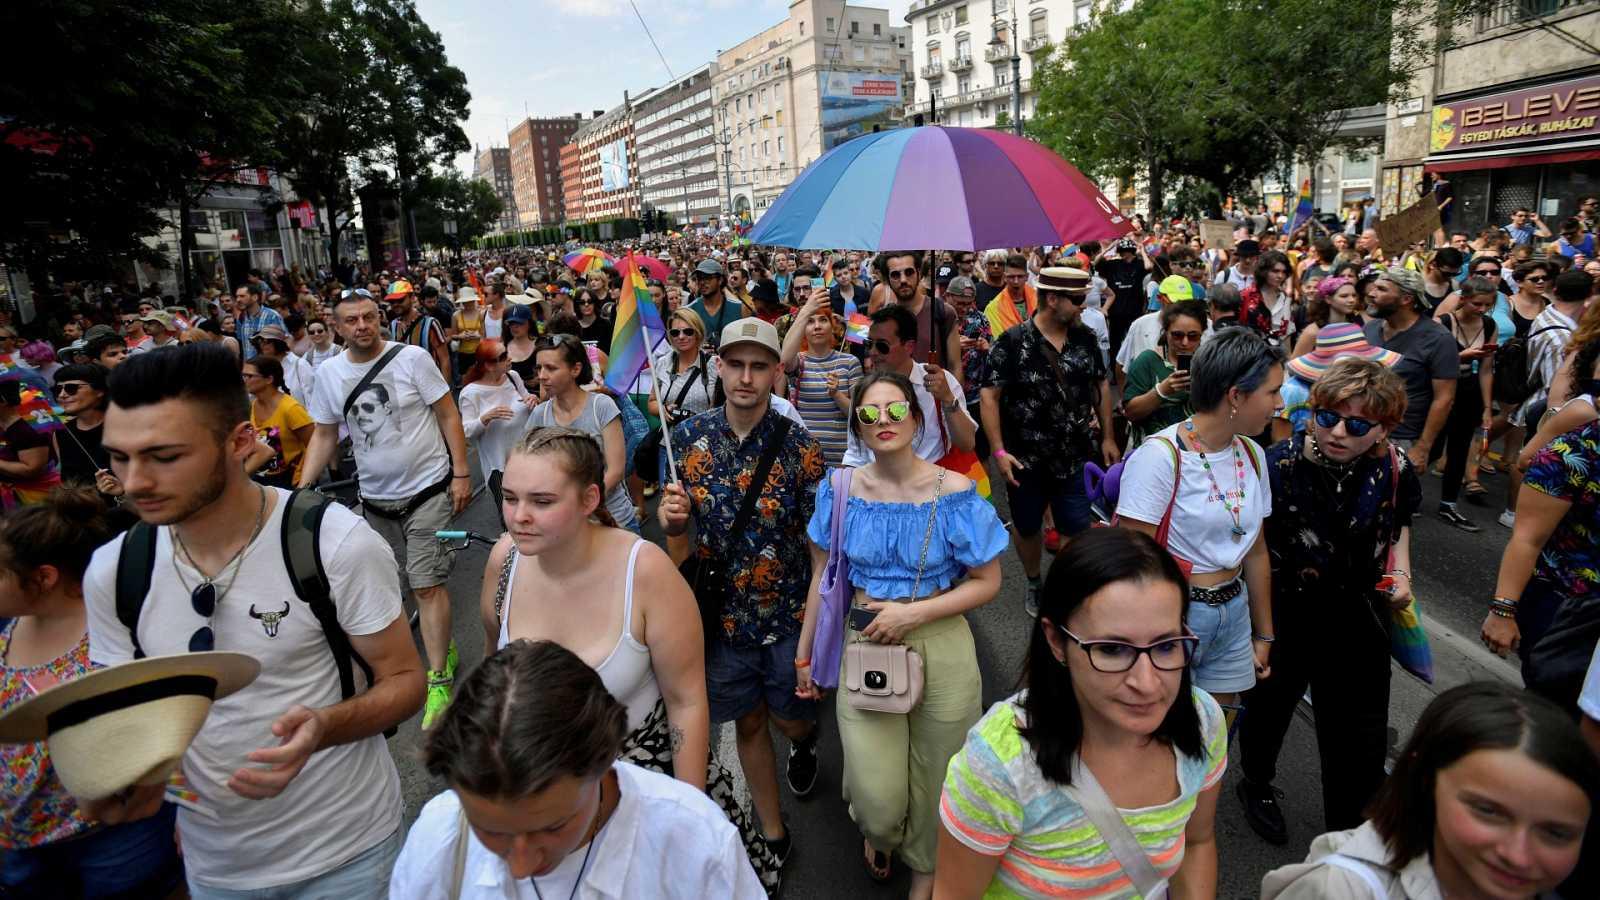 Miles de húngaros se suman a la marcha LGBT+ en Budapest